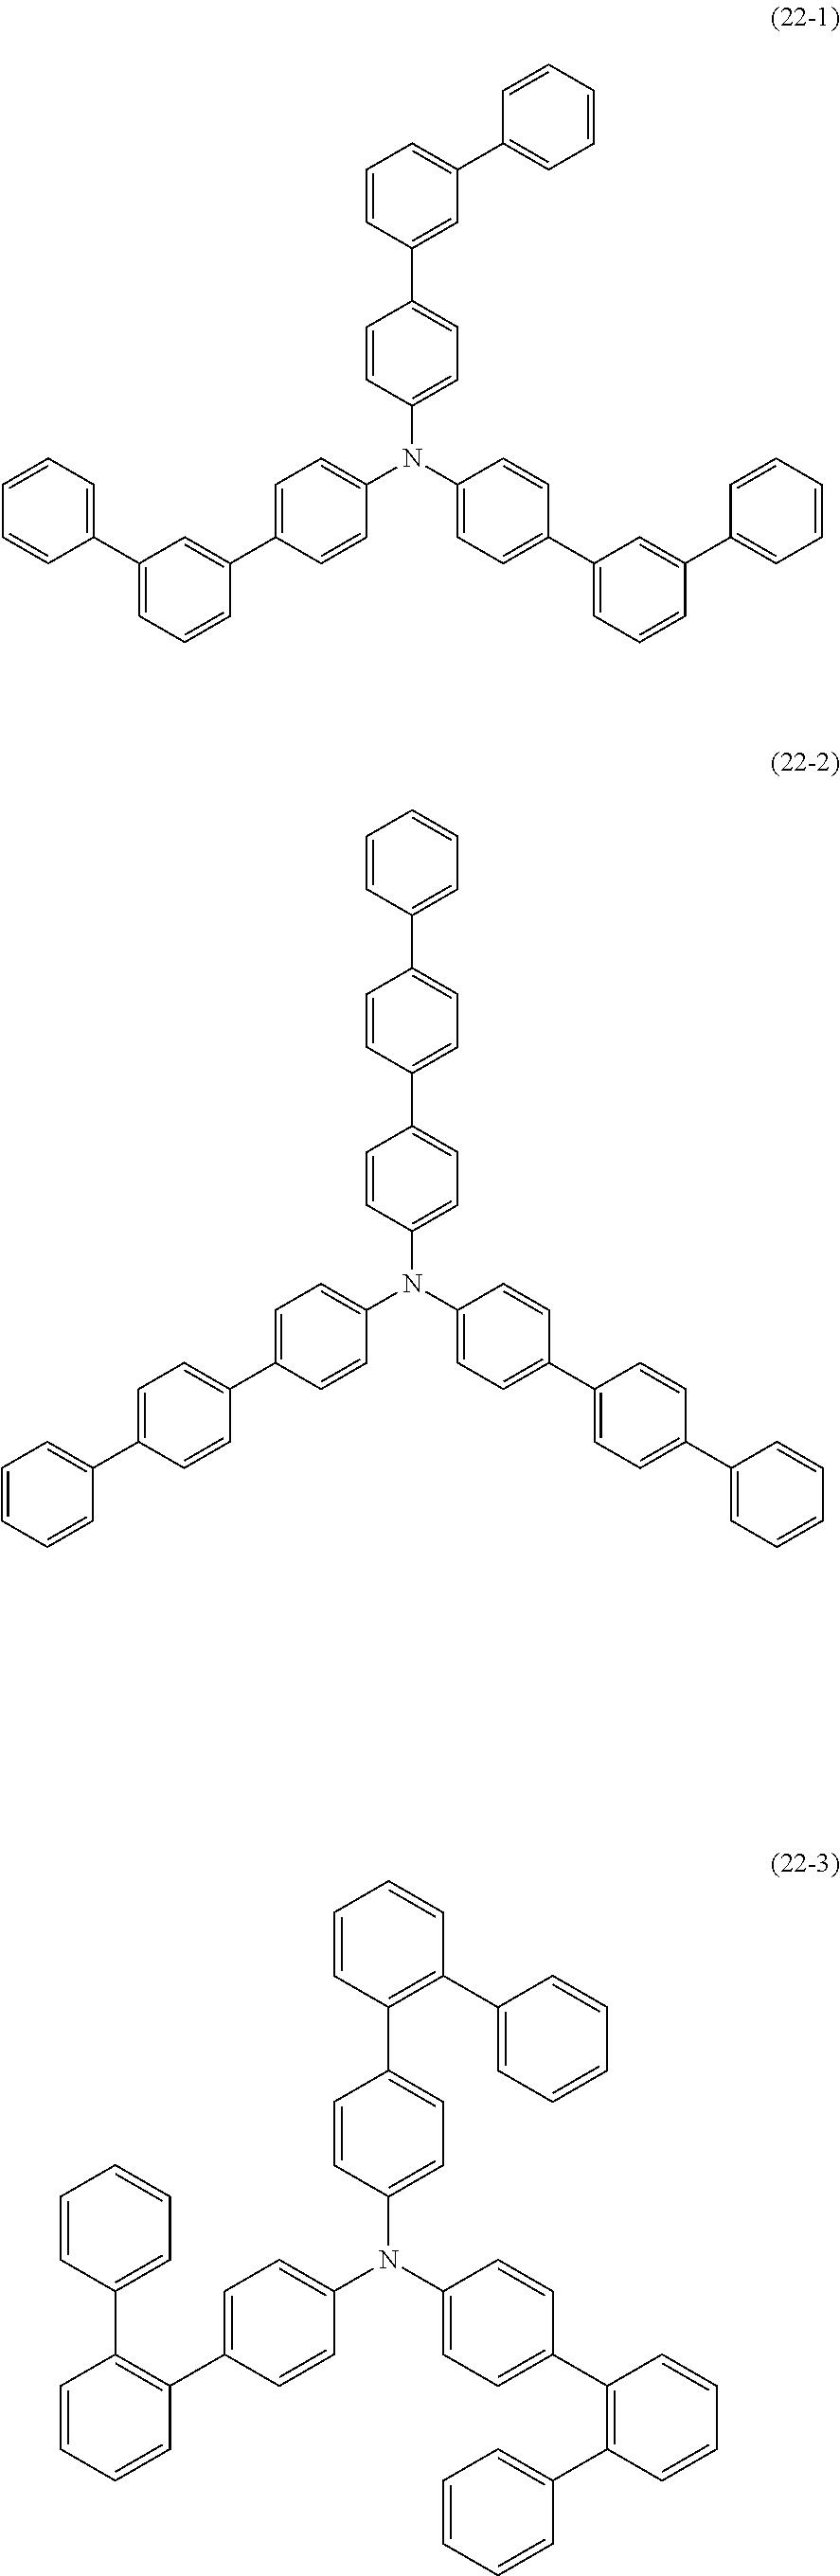 Figure US09257663-20160209-C00036